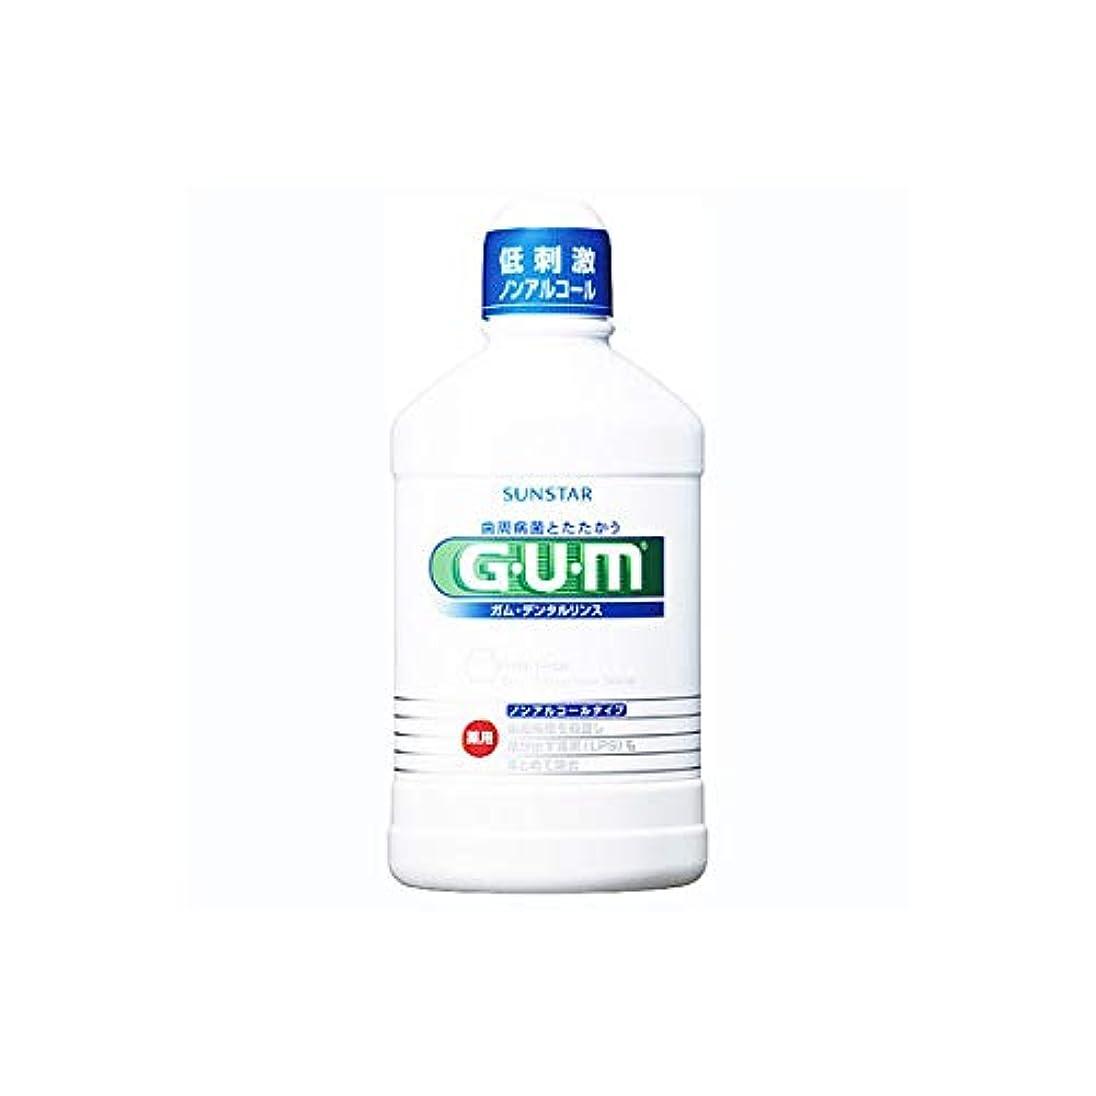 尾政治家生態学GUM(ガム)?デンタルリンス (ノンアルコールタイプ) 500mL (医薬部外品)